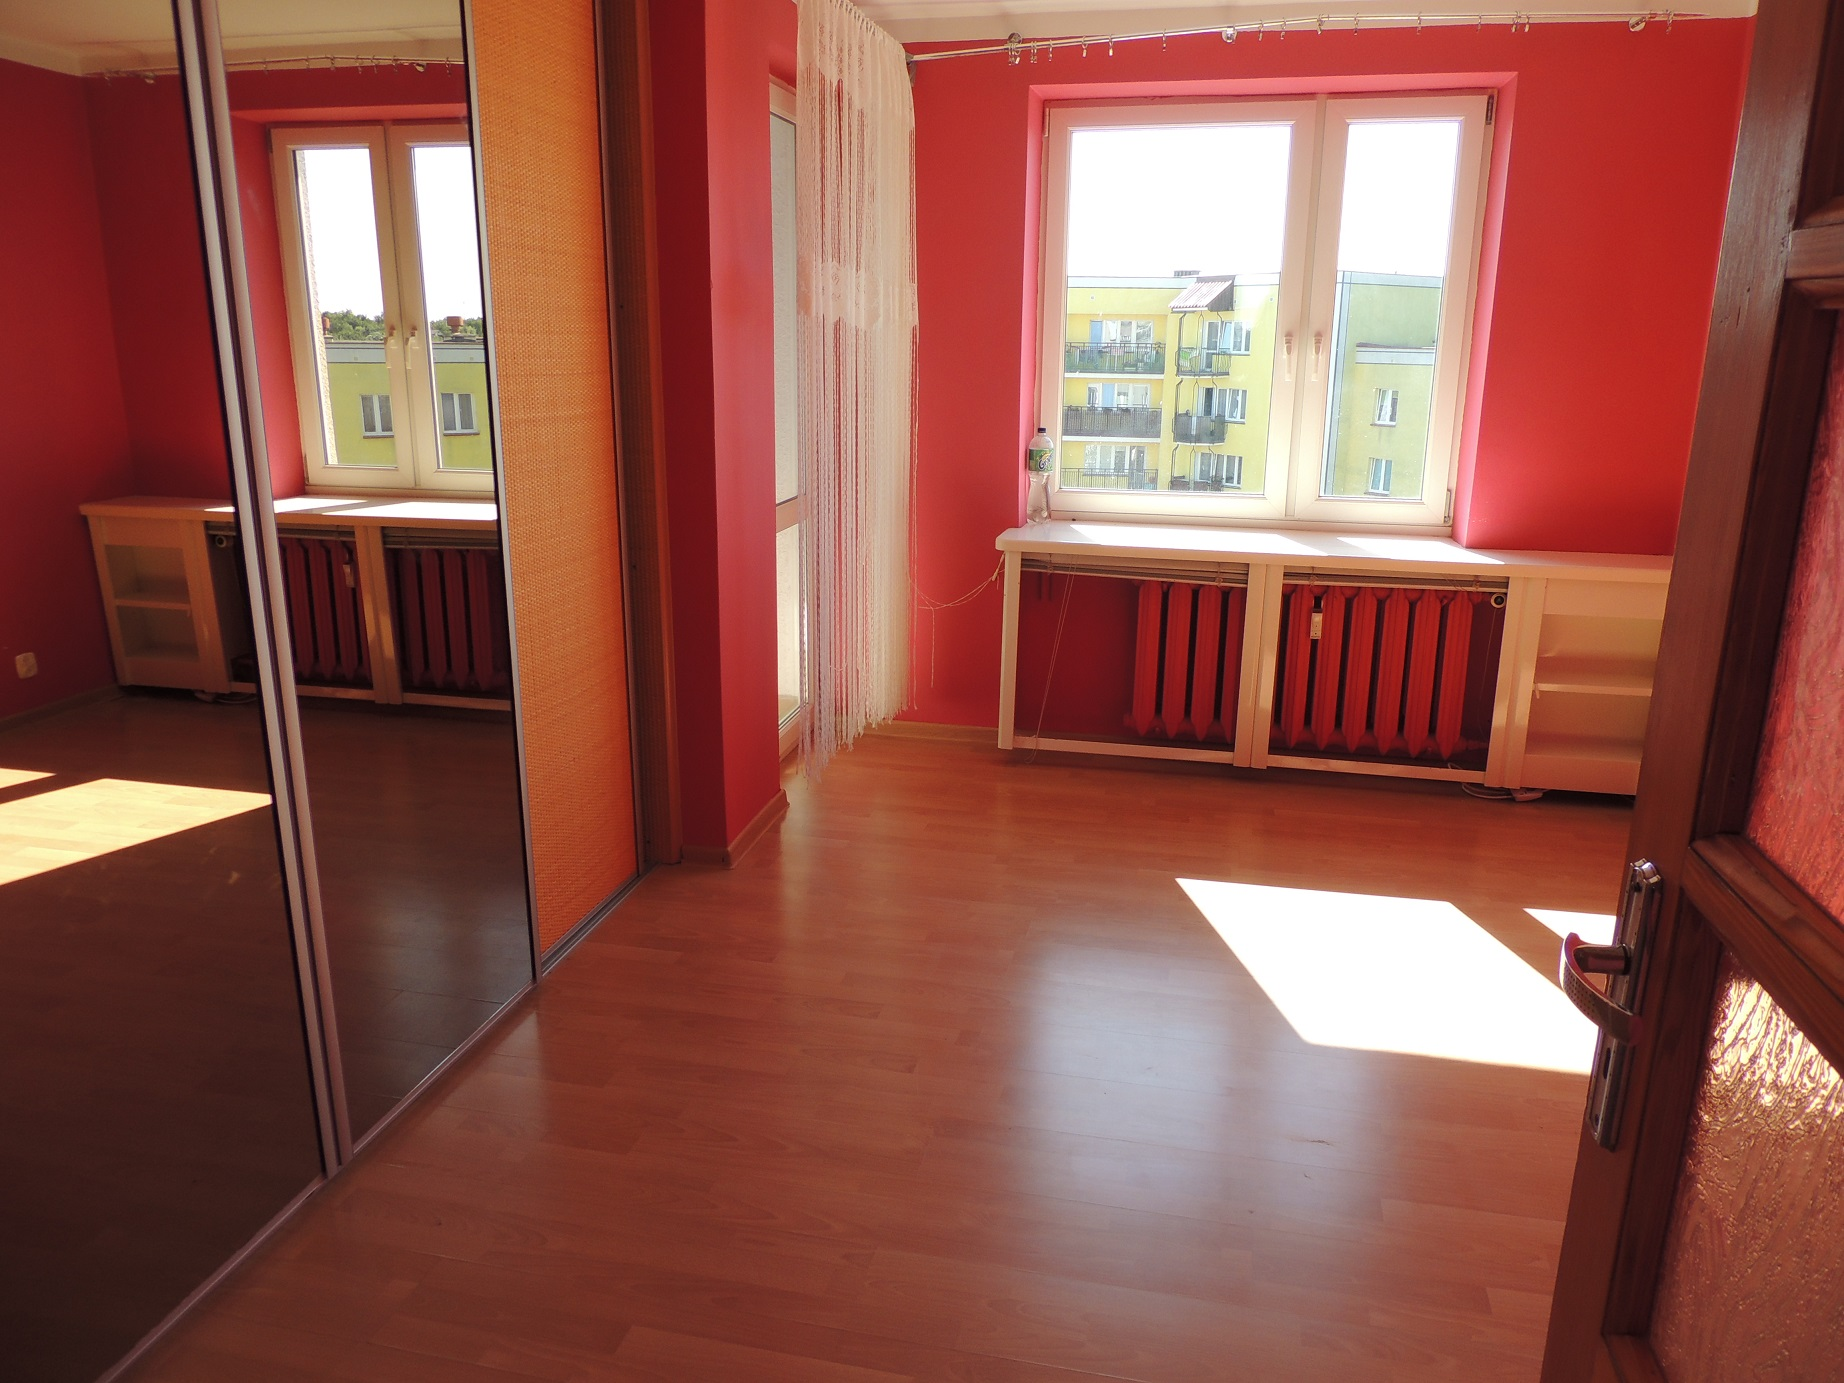 Mieszkanie 74,5 m2 w Ełku osiedle Konieczki